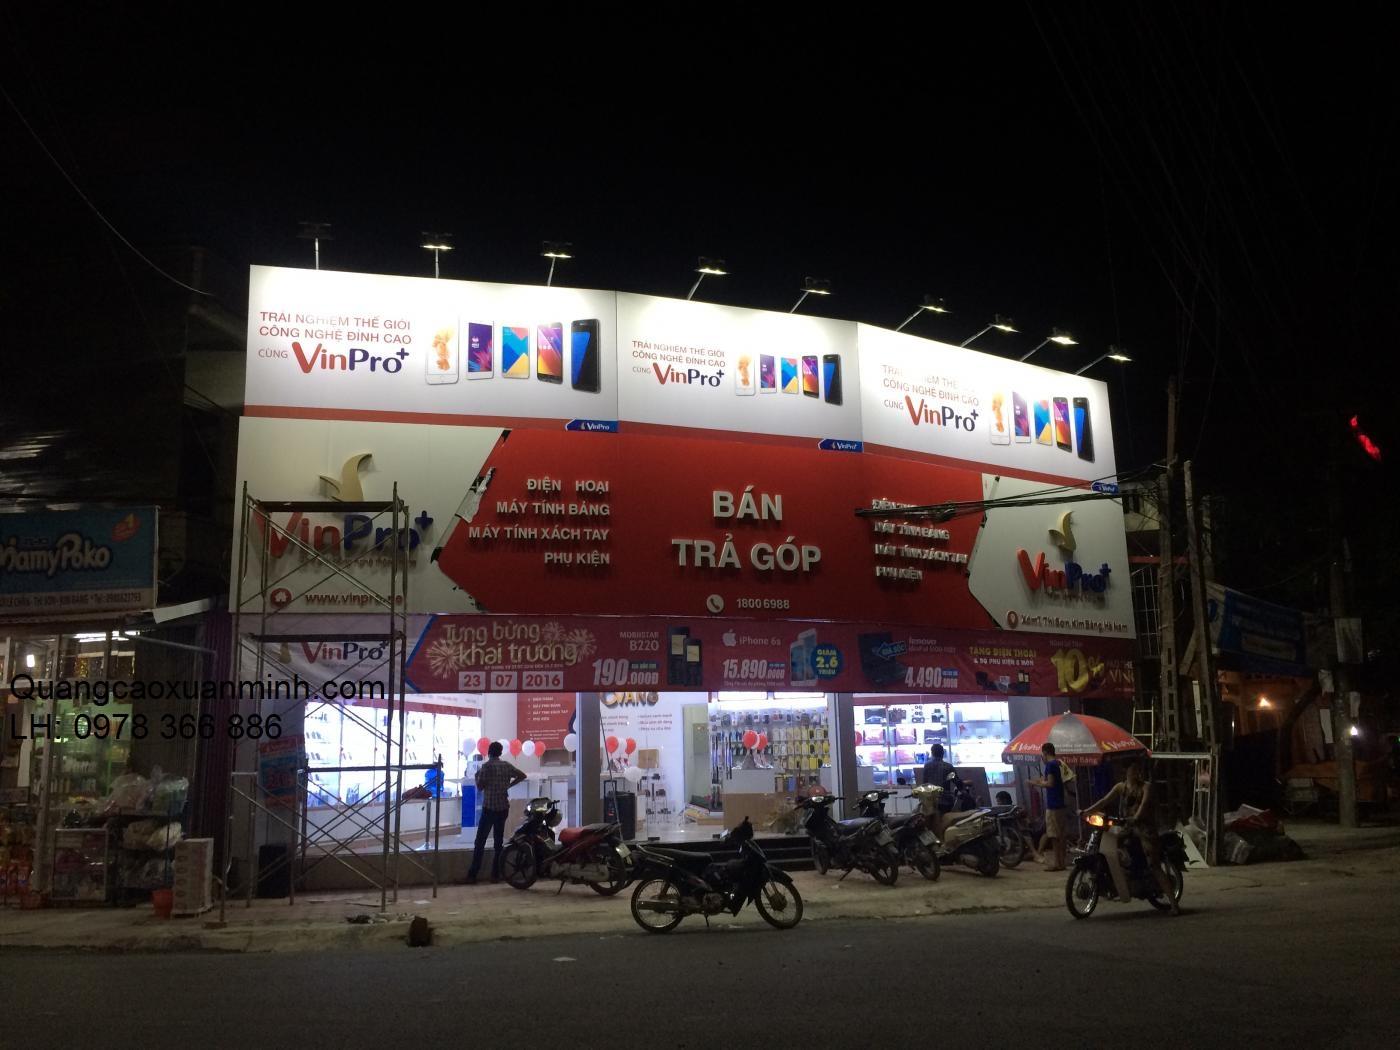 Hộp-đèn-3m-VinPro-Phủ-Lý-Hà-Nam